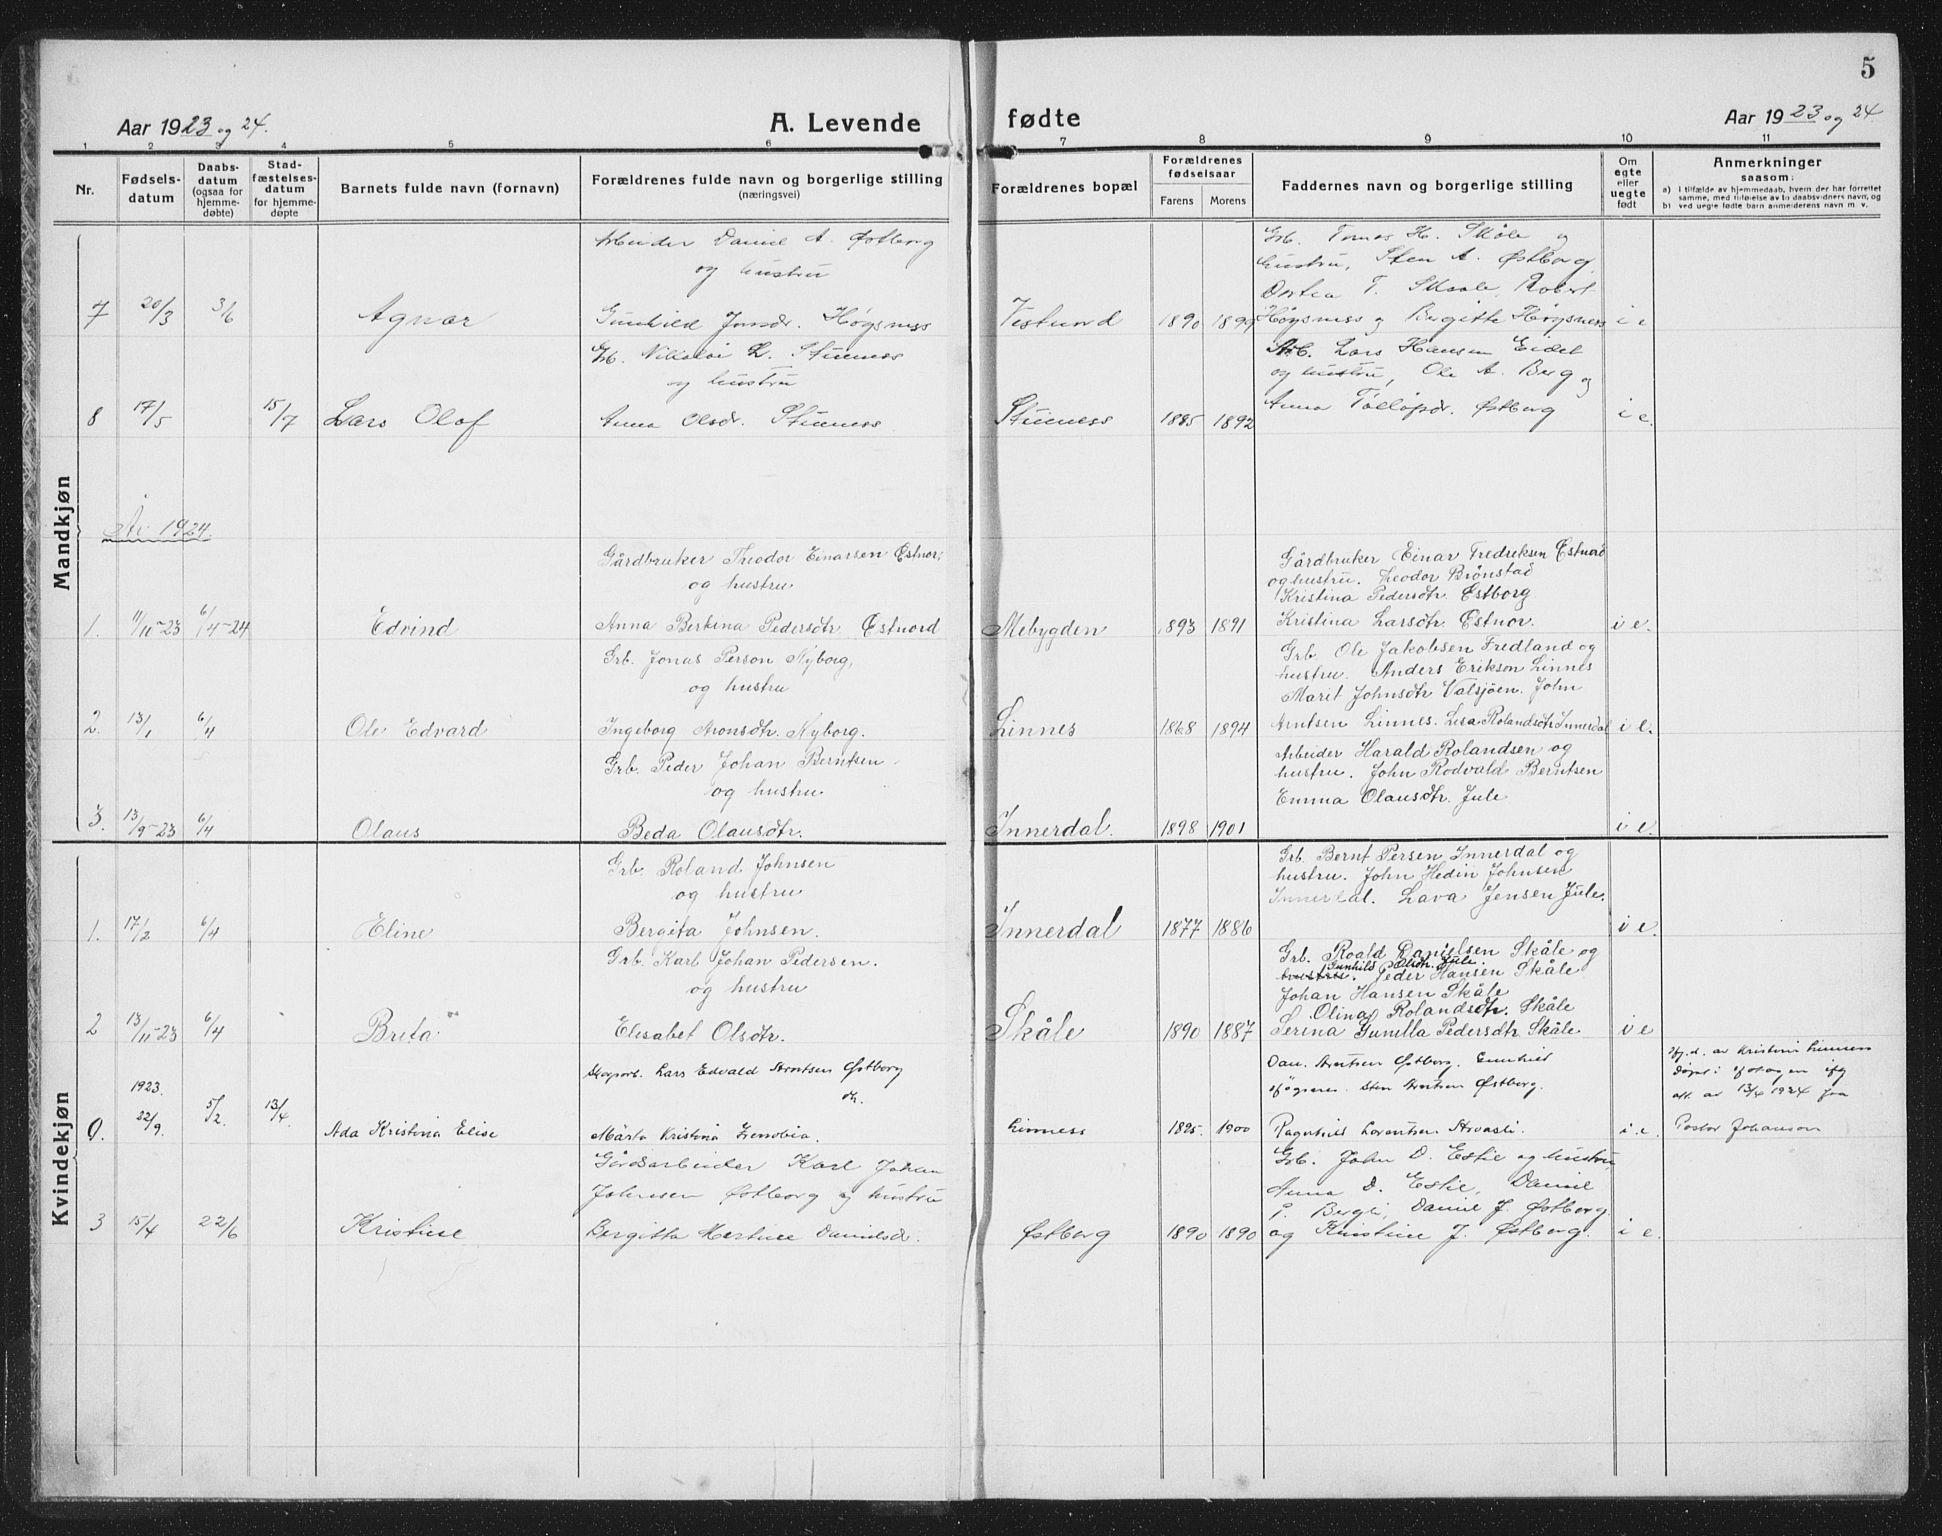 SAT, Ministerialprotokoller, klokkerbøker og fødselsregistre - Nord-Trøndelag, 757/L0507: Klokkerbok nr. 757C02, 1923-1939, s. 5